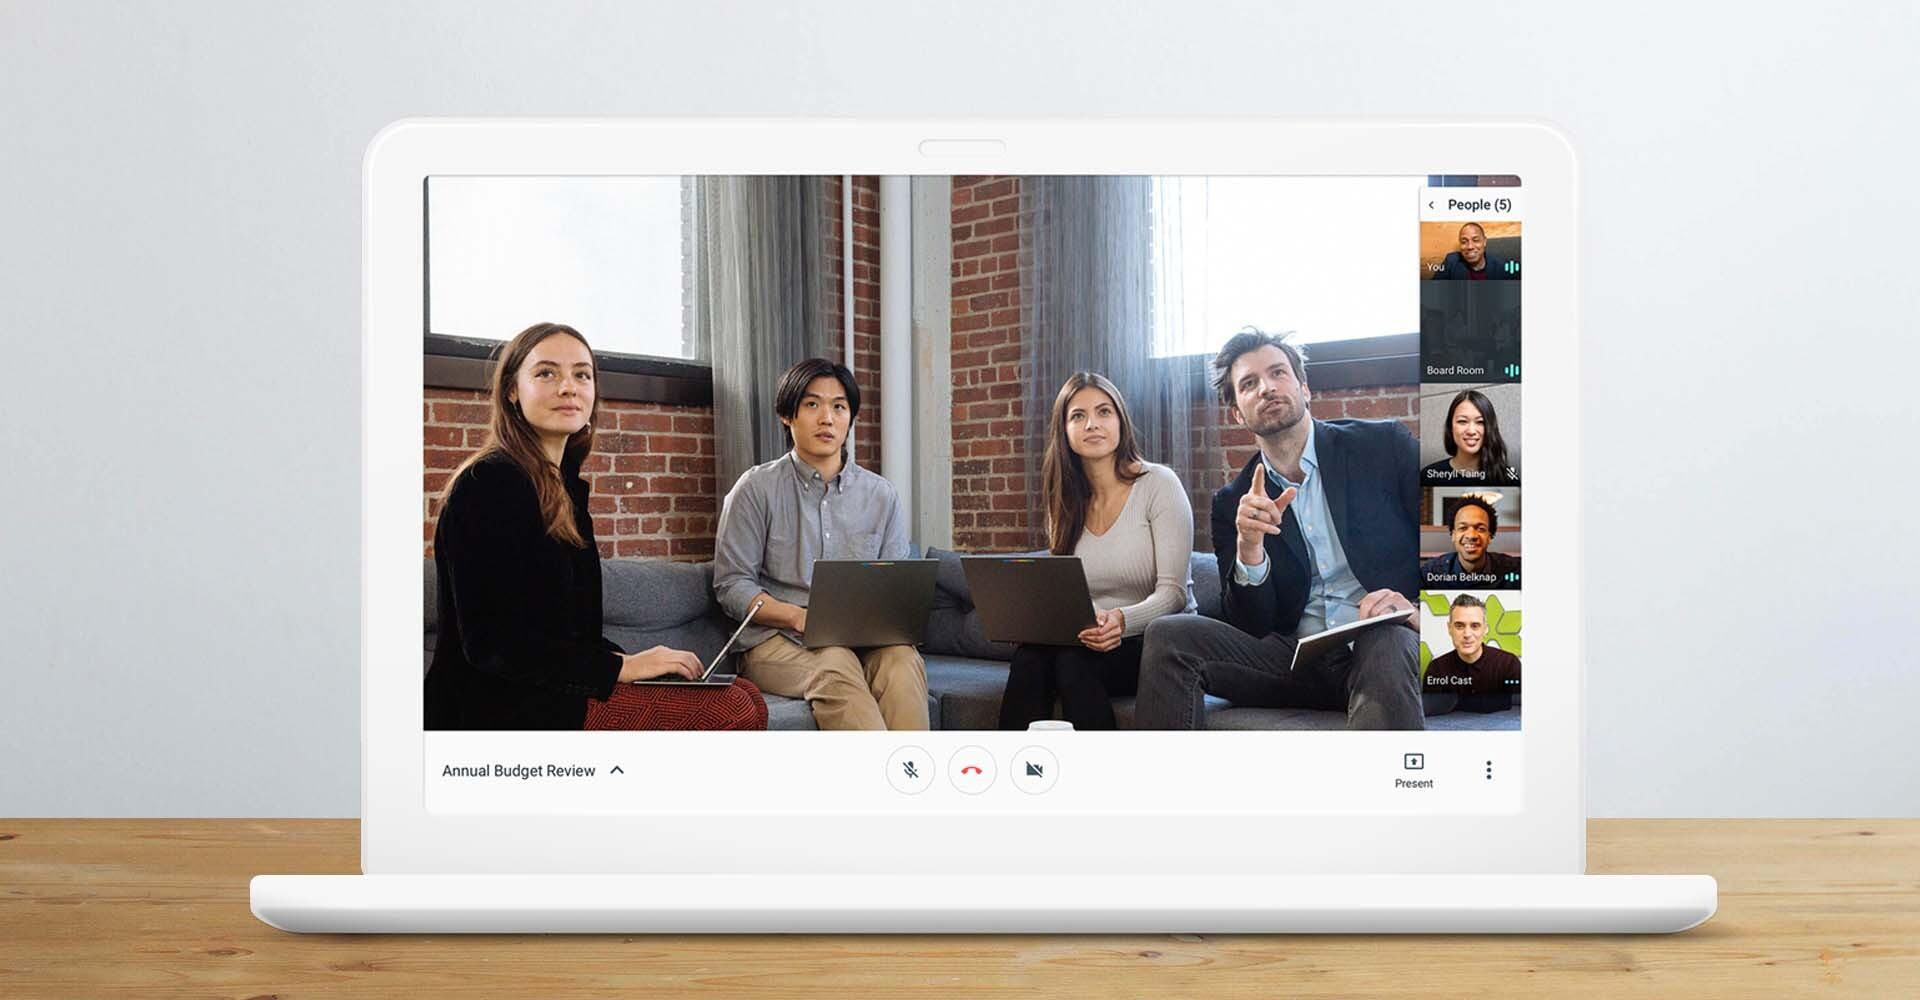 Eine Gruppe von Mitarbeitern spricht per Video mit anderen Kollegen